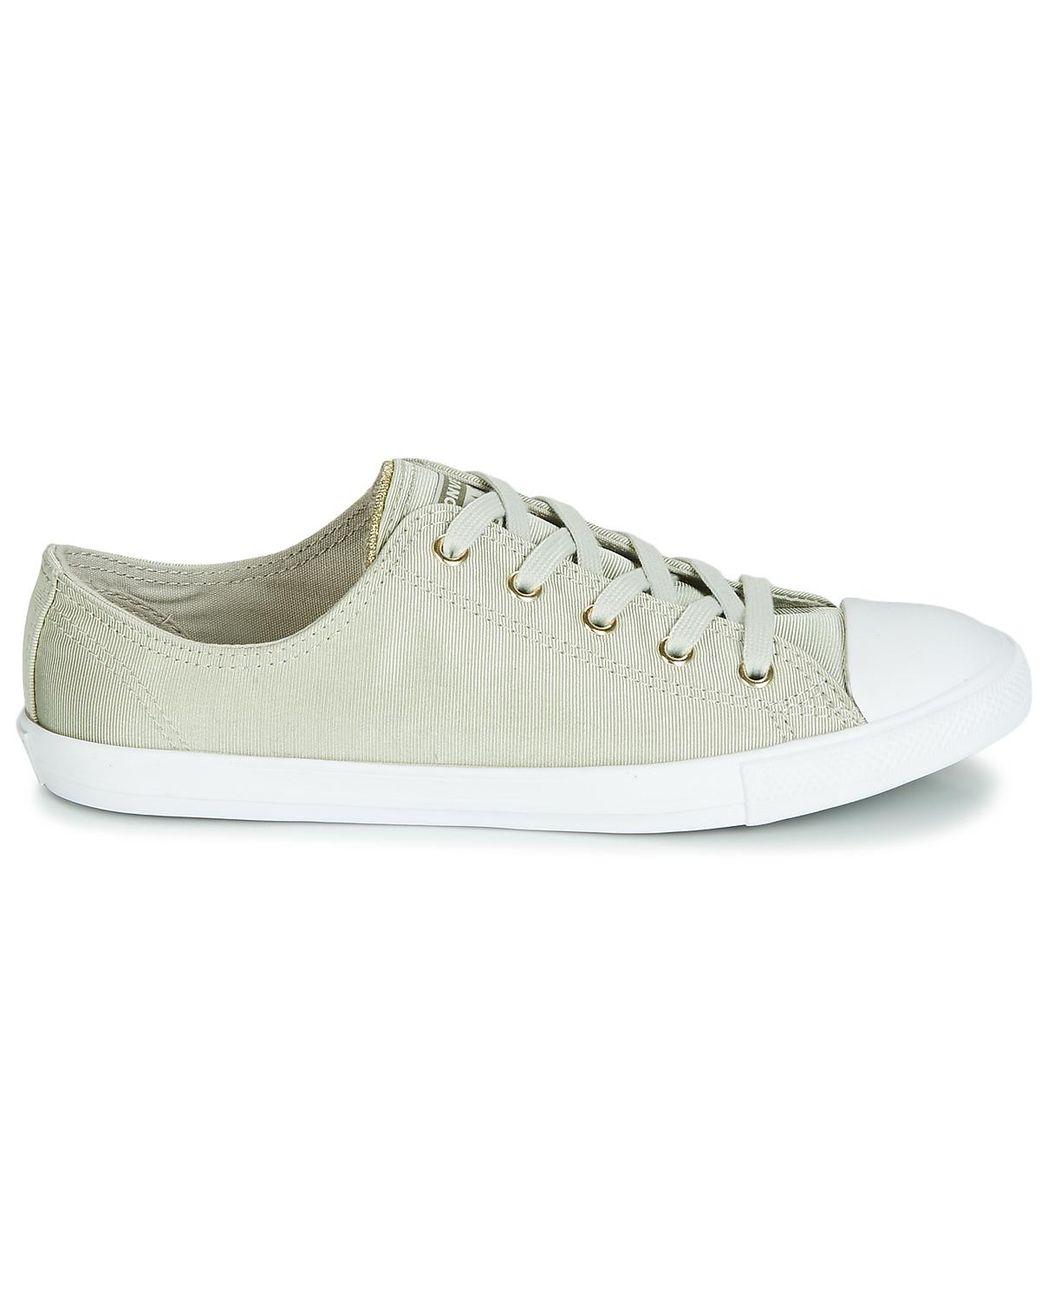 Converse CT Dainty Ox C537204 Damen Sneaker